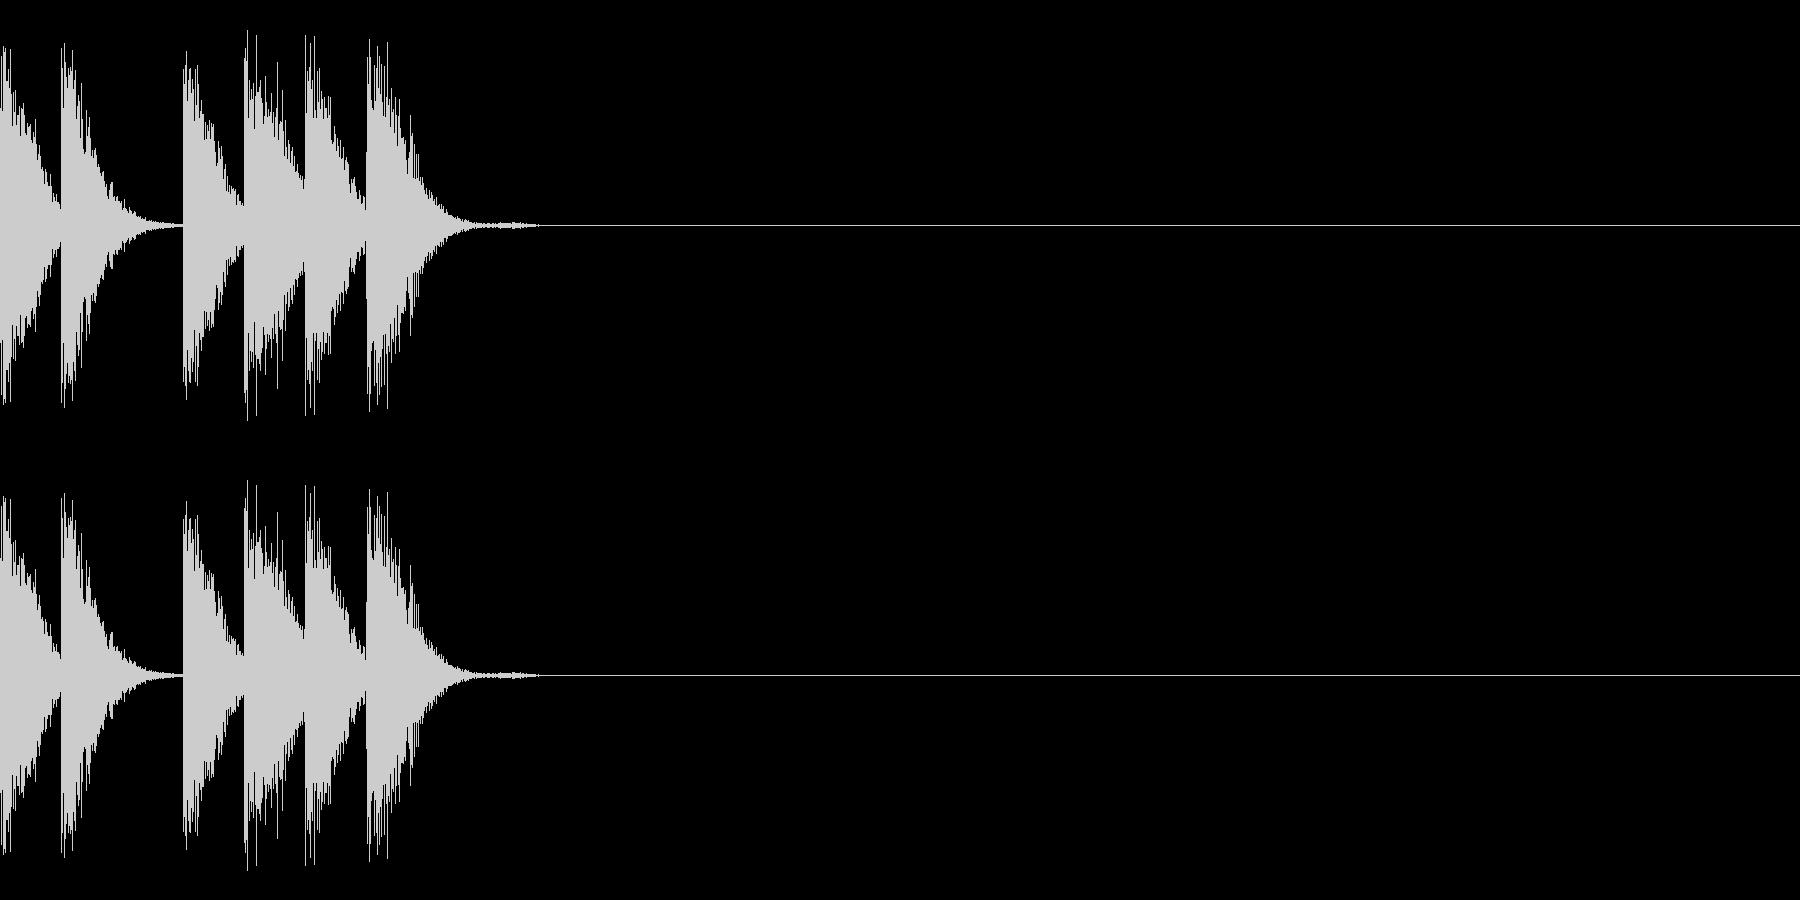 パリリリ(電子)の未再生の波形